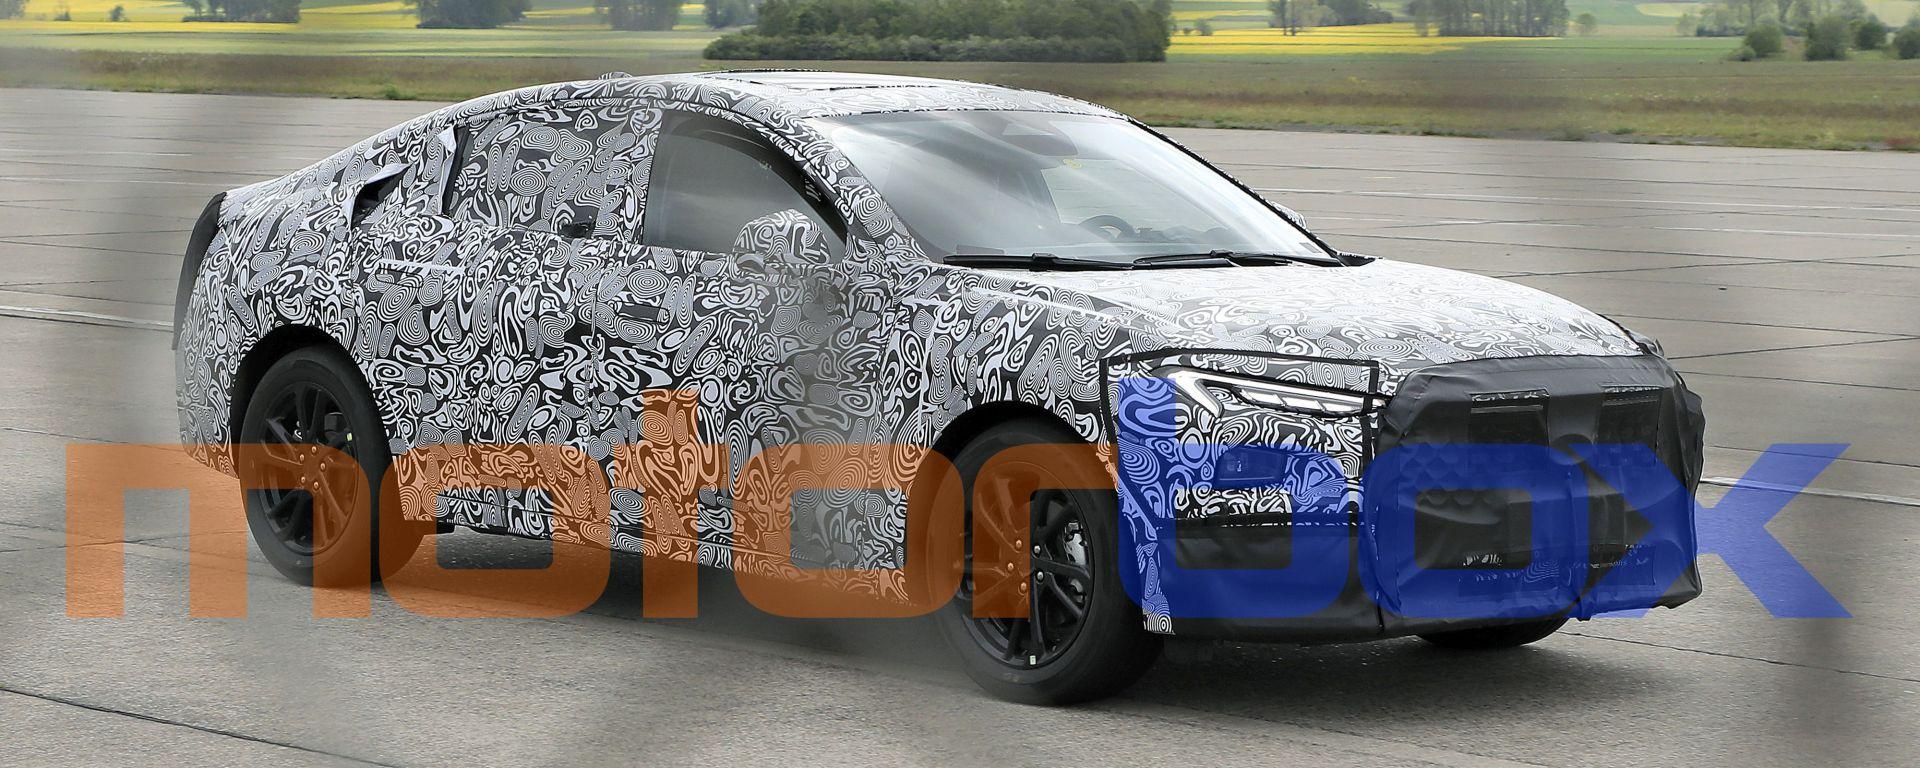 Nuova Ford Mondeo/Fusion: visuale di 3/4 anteriore